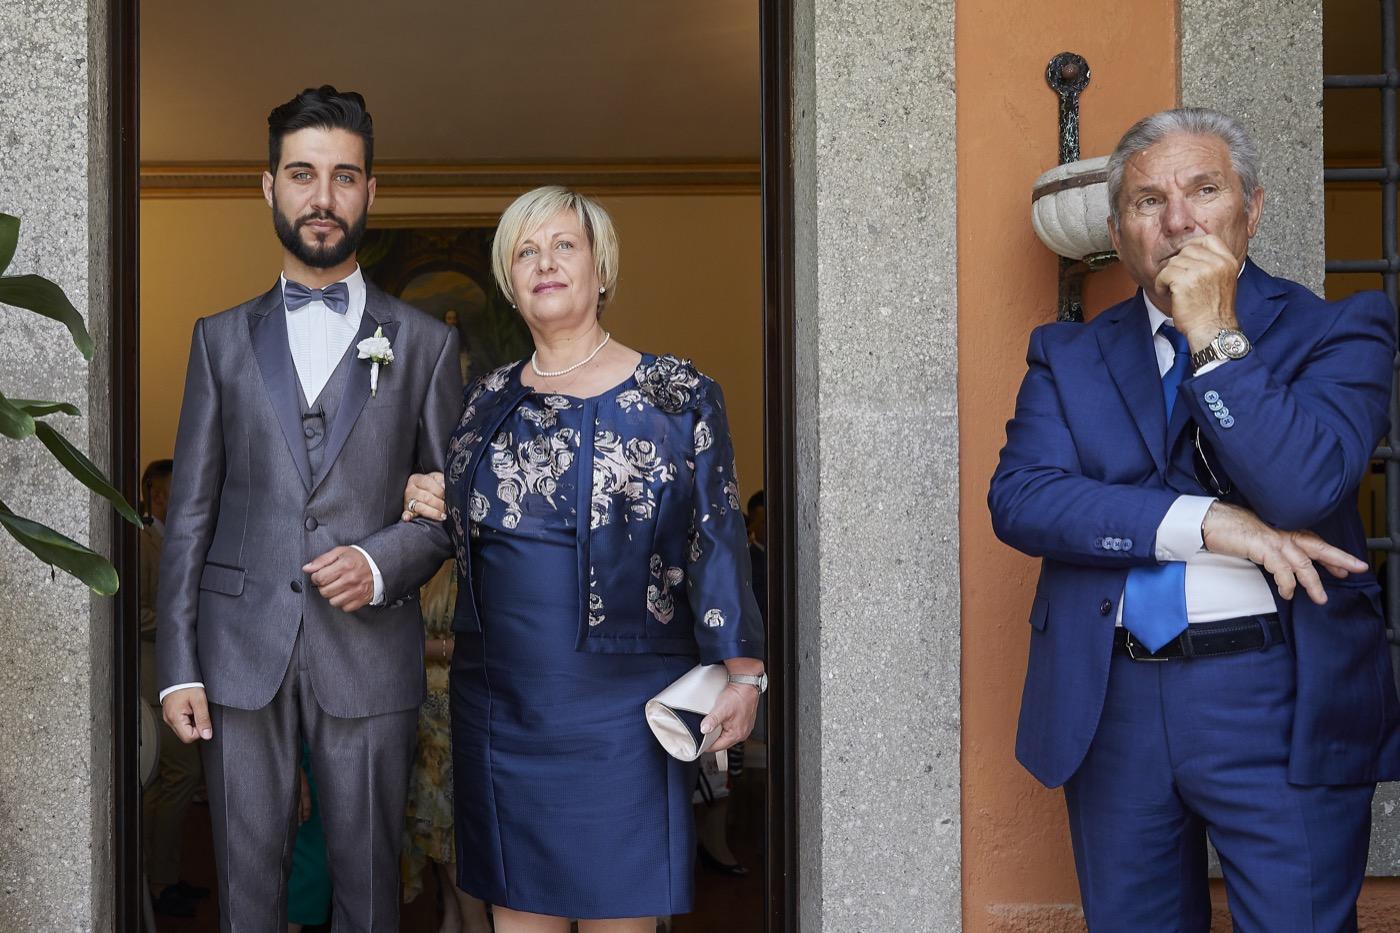 Claudio-Coppola-wedding-photographer-villa-del-cardinale-rocca-di-papa-castel-gandolfo-28